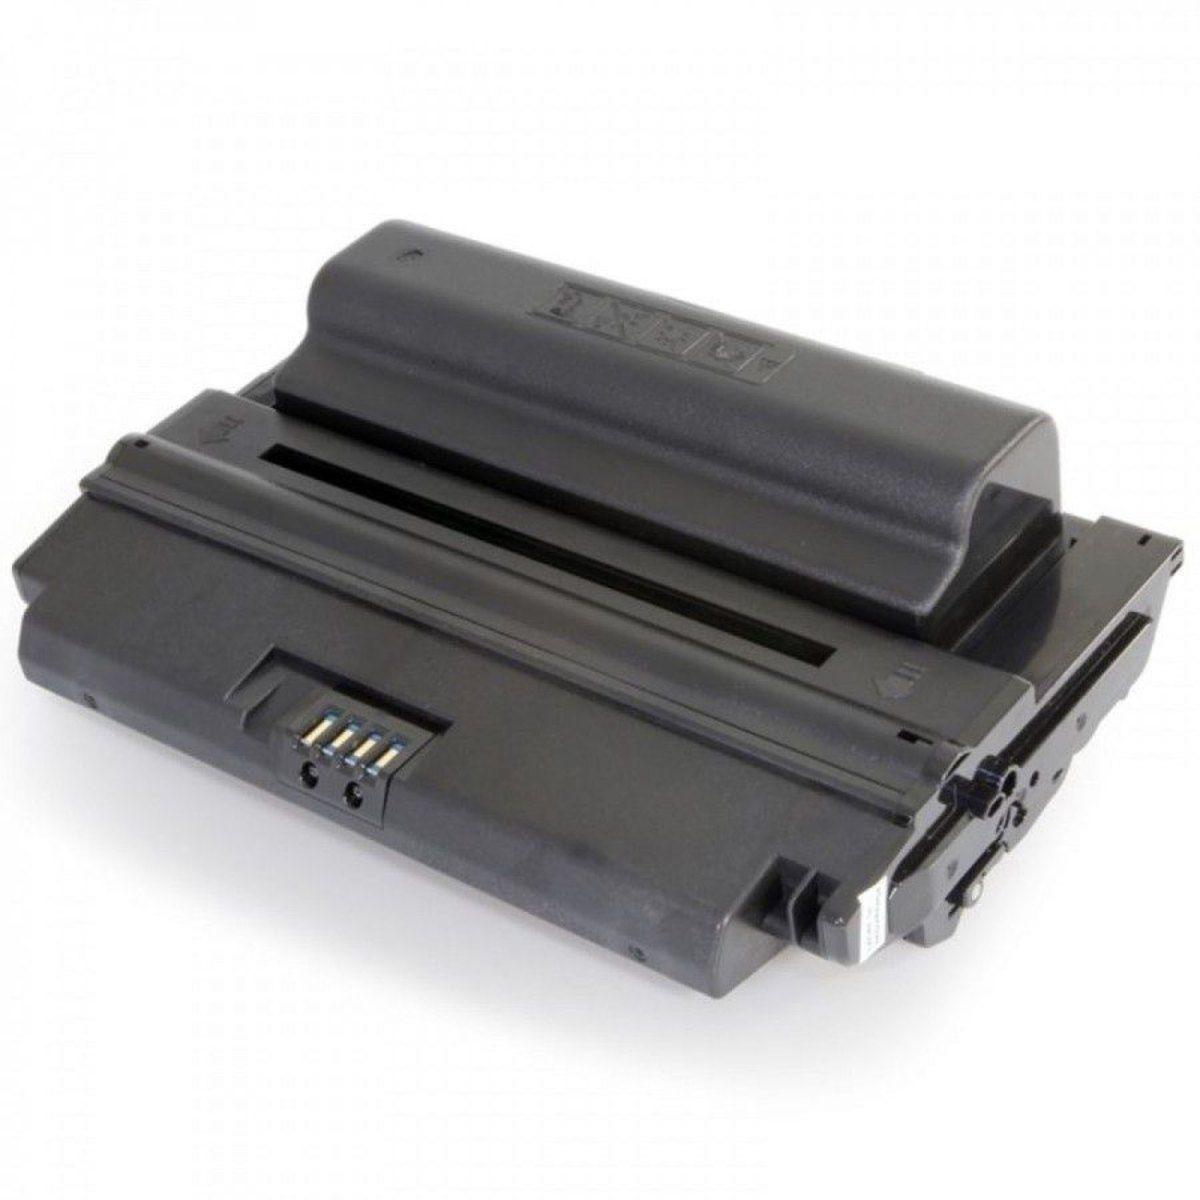 Toner compatível SAMSUNG SCX-D5530B | SCX5530FN SCX5530 SCX5530N - 4.000 Páginas - Cartucho & Cia